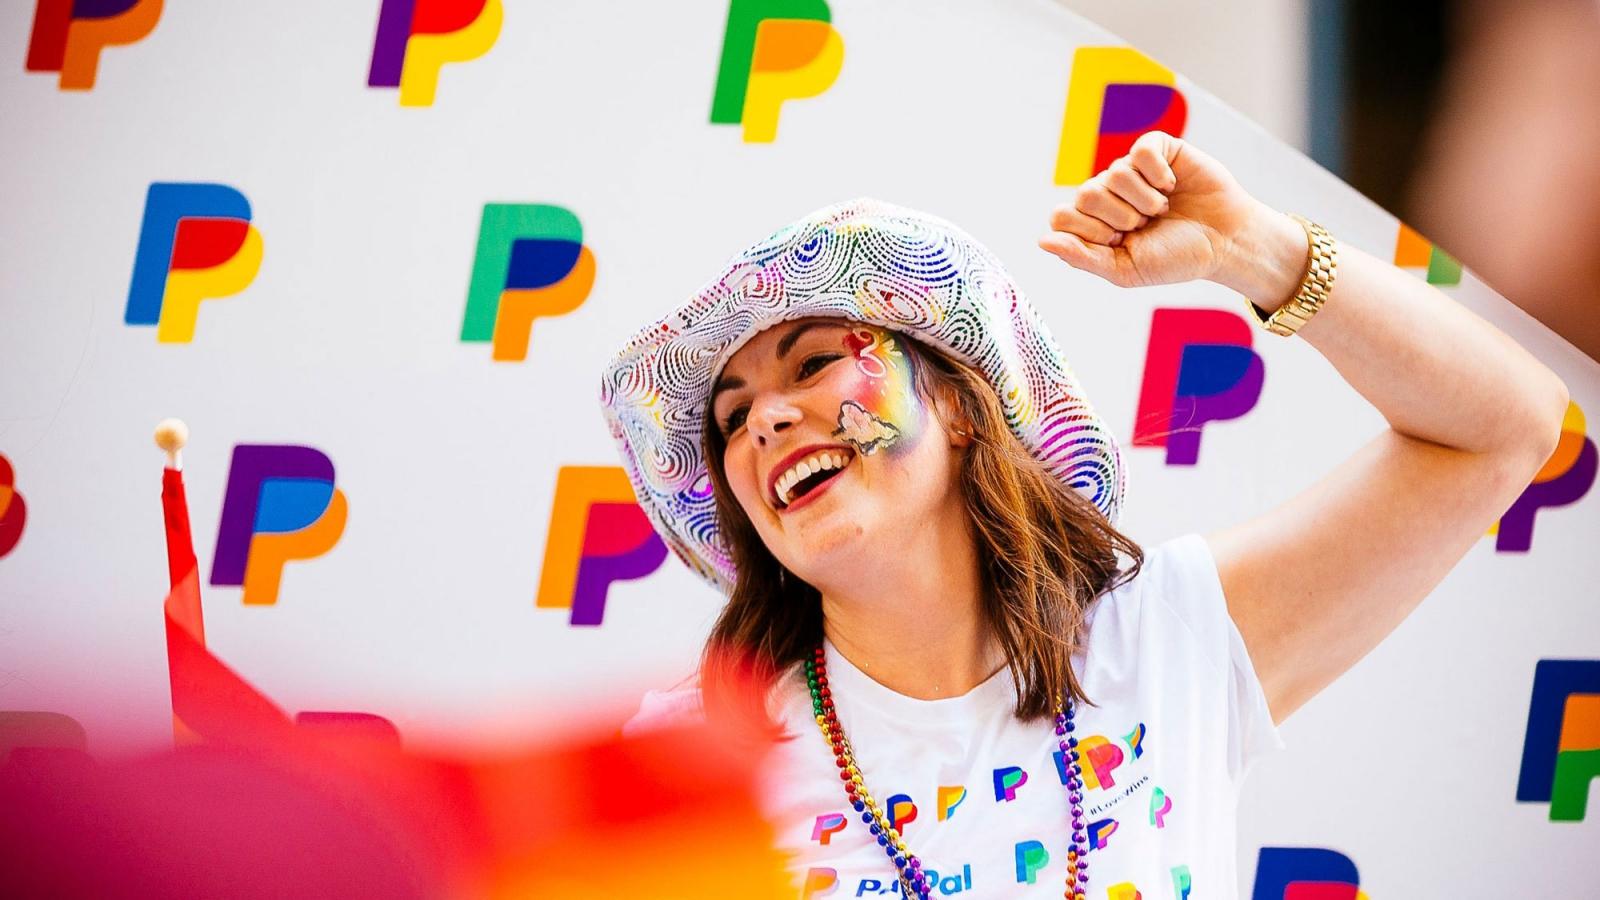 PayPal parteciperà a Milano Pride 2018 per supportare i diritti LGBTQI thumbnail